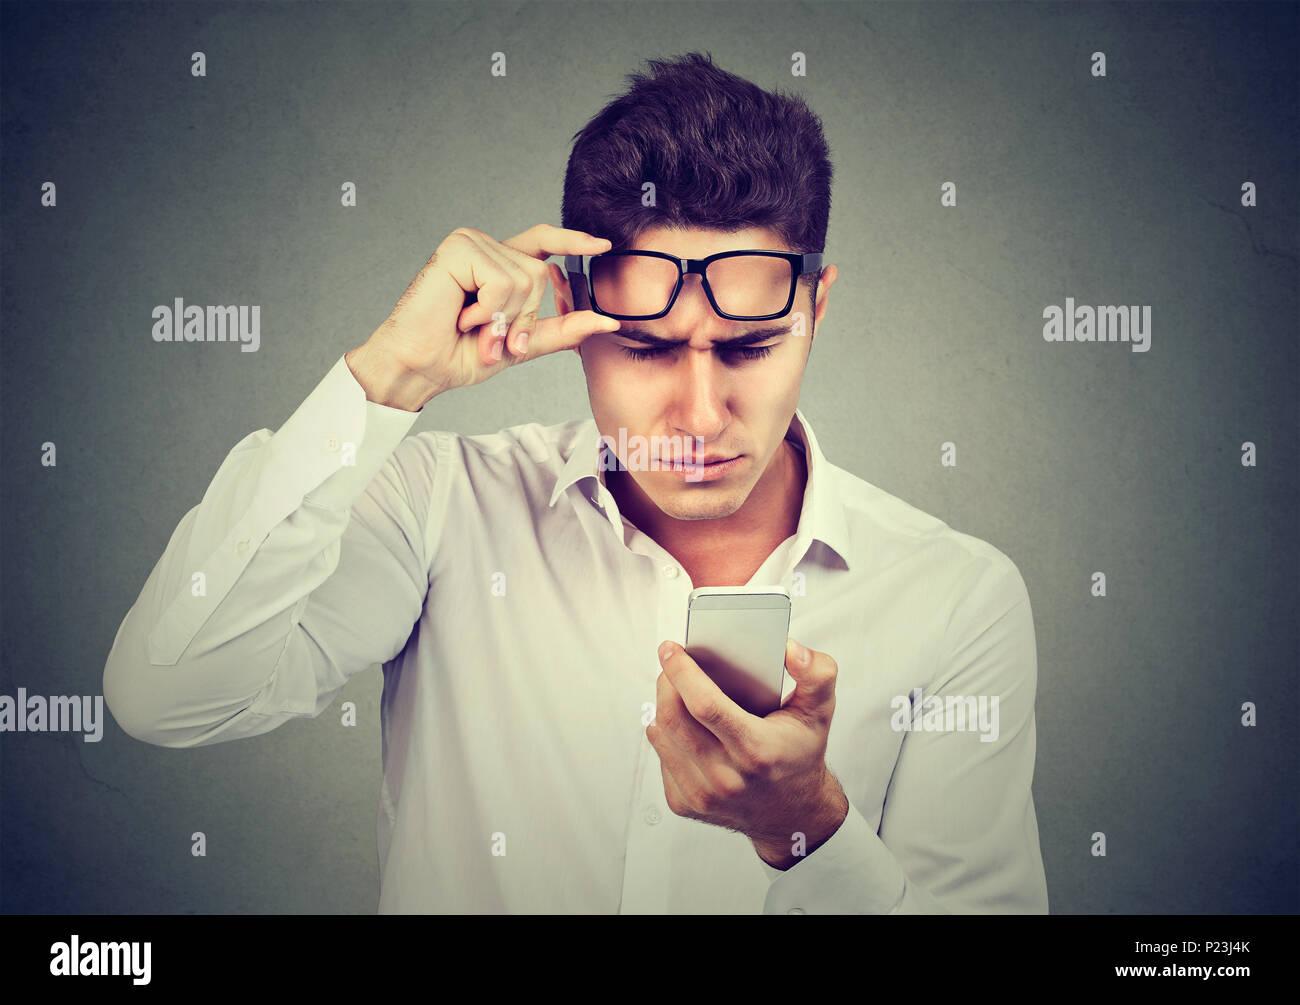 Junger Mann mit Brille Probleme sehen Handy hat Probleme mit dem Sehen. Schlechte Nachricht. Menschliche emotion Wahrnehmung Stockbild